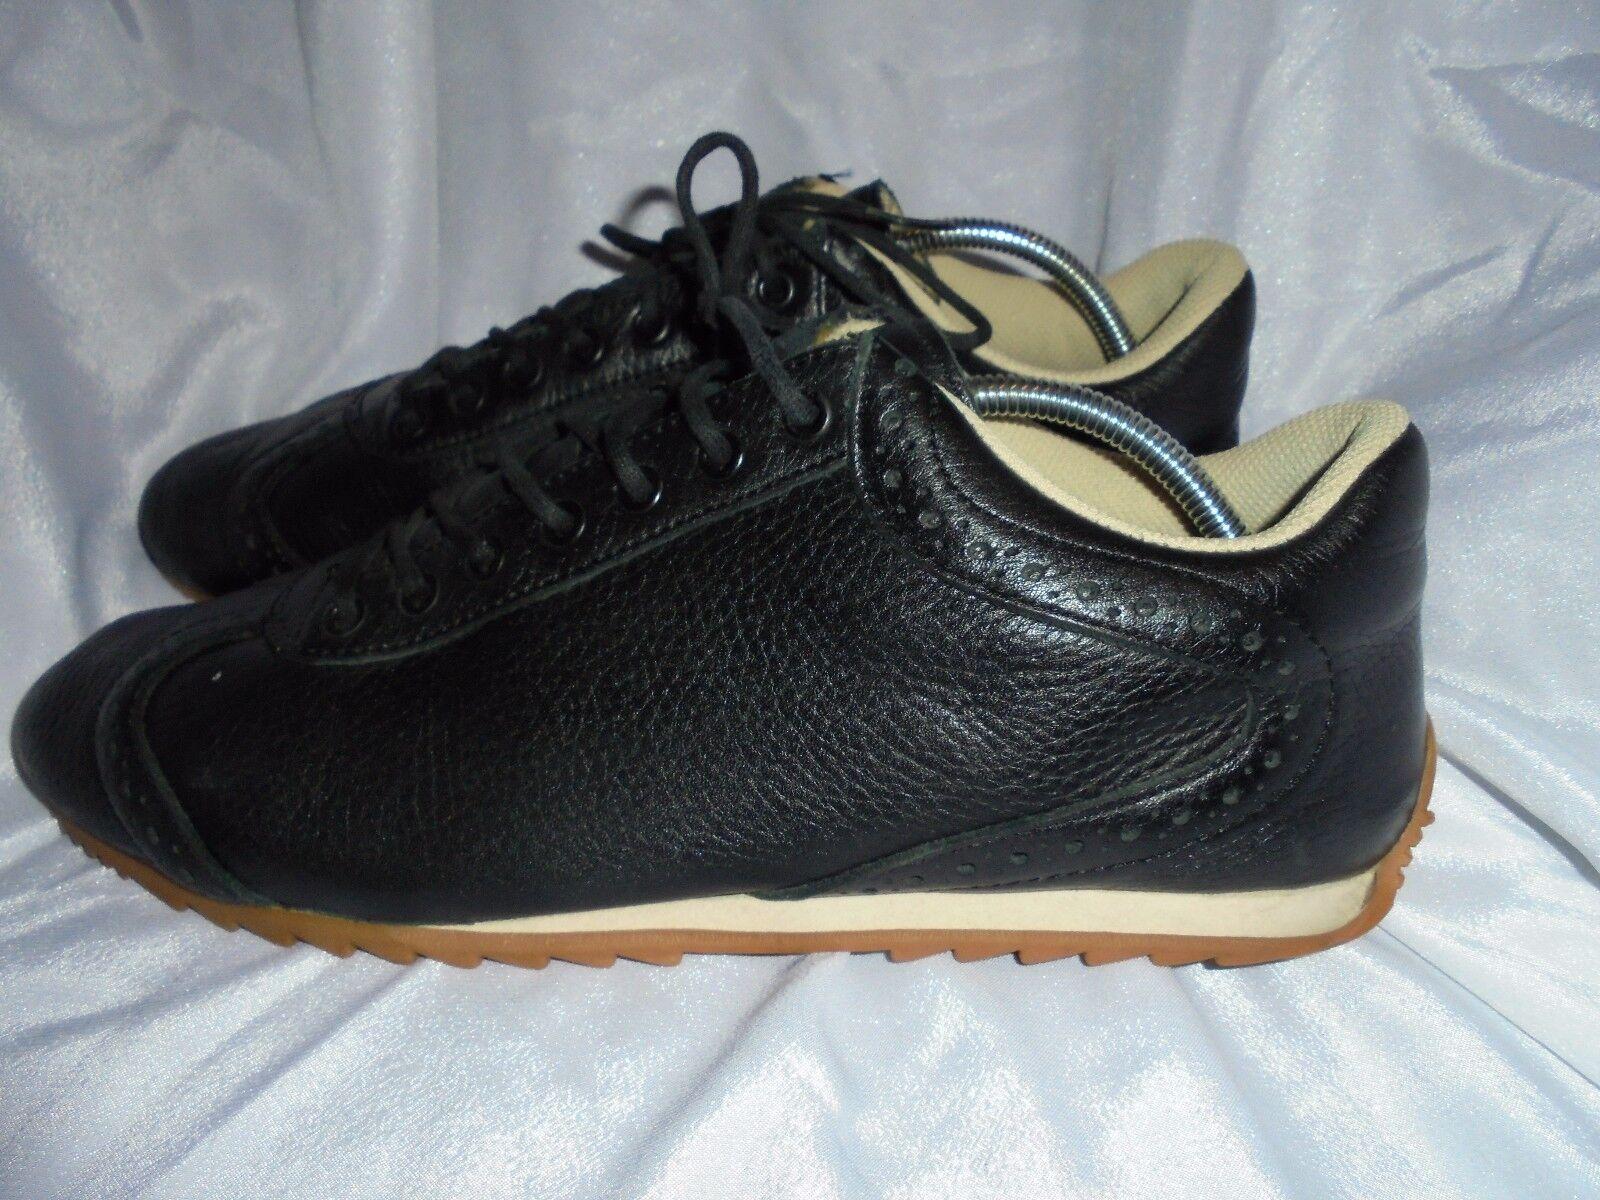 FCUK para mujer Negro Cuero Con Cordones Zapatillas Size nos 11 en muy buena condición